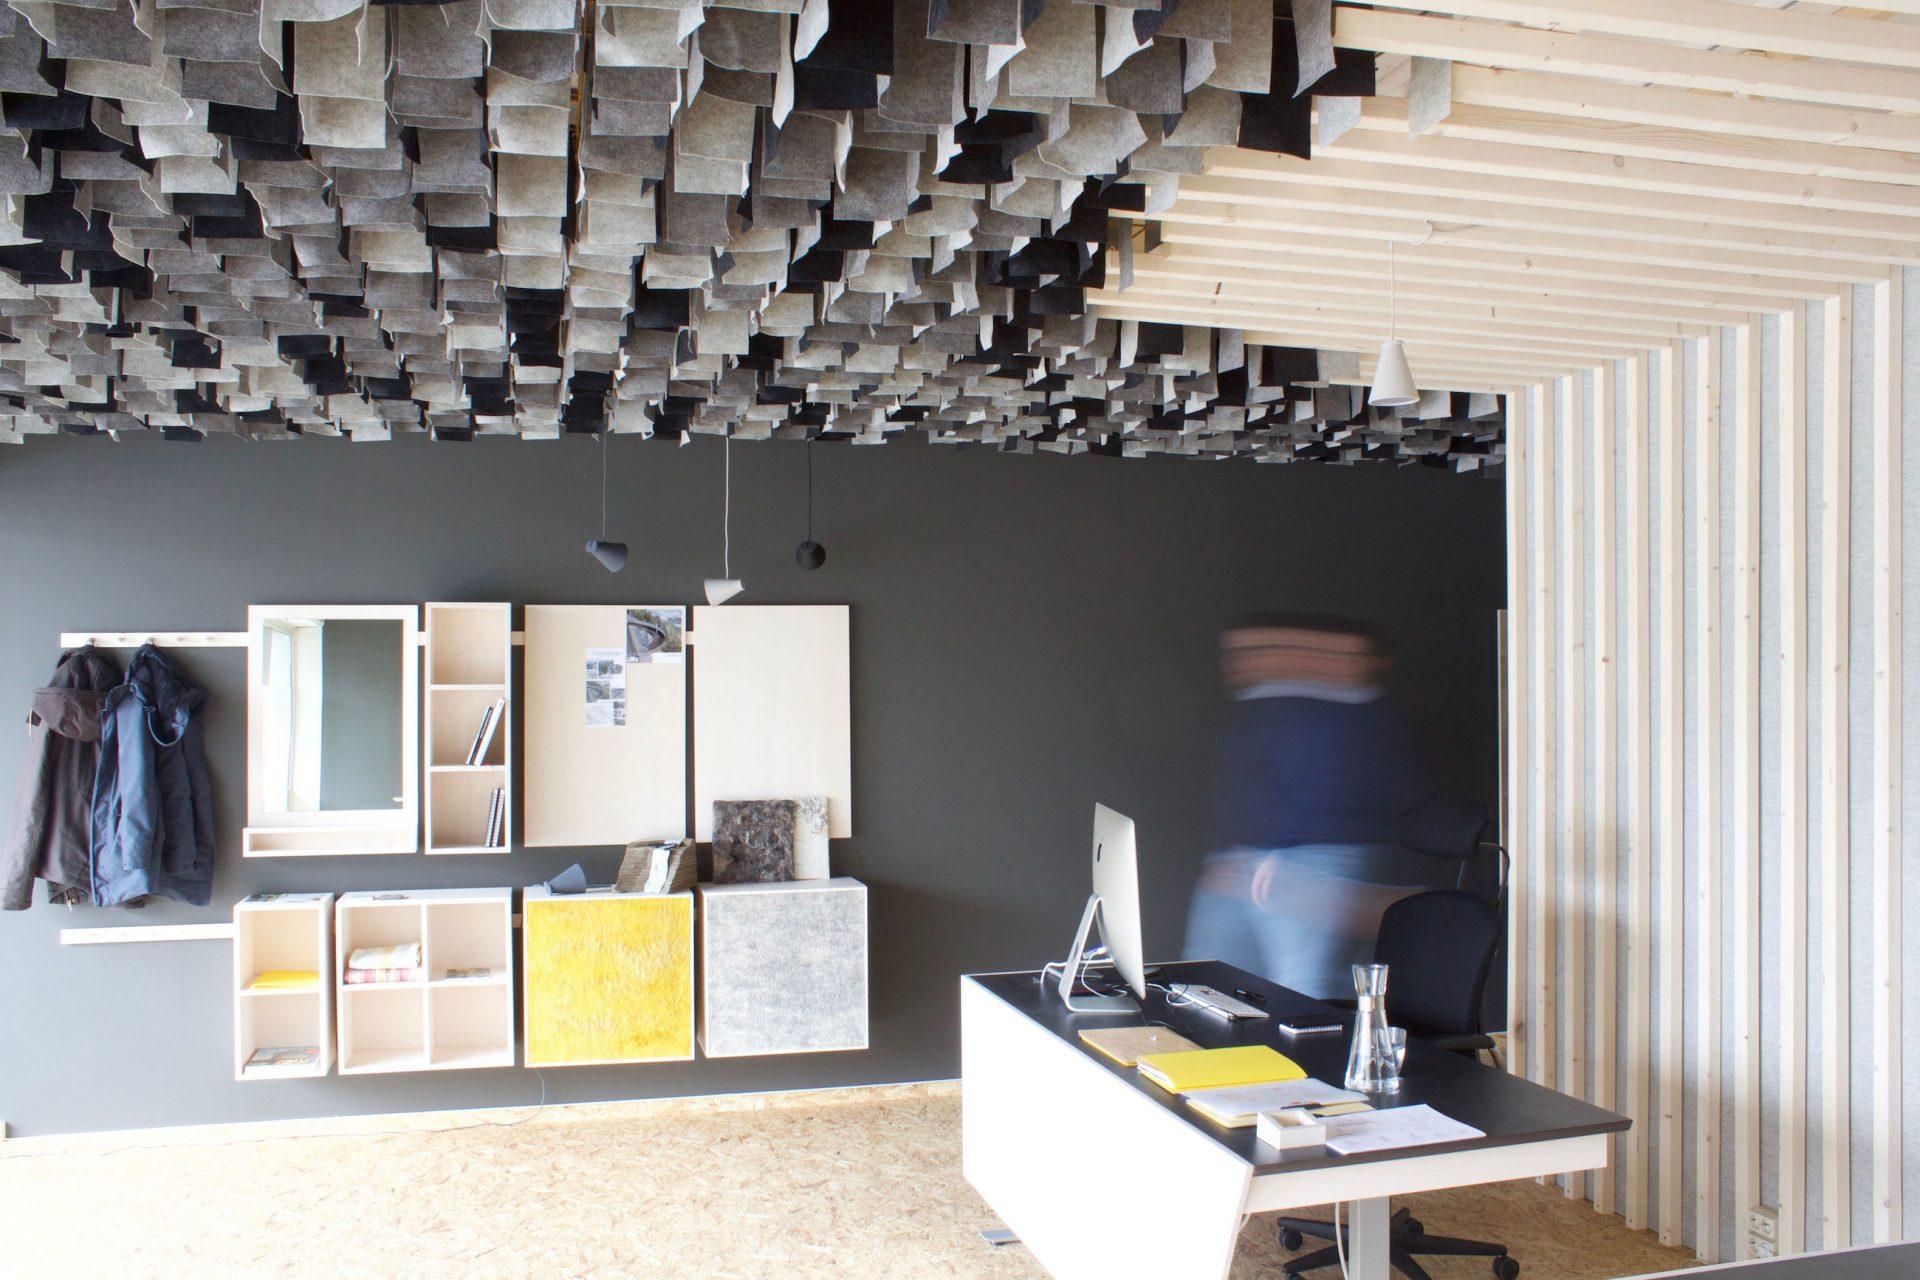 Interieurontwerp van kantoor en studio met maatwerk kastenwand en wand en plafondframe.